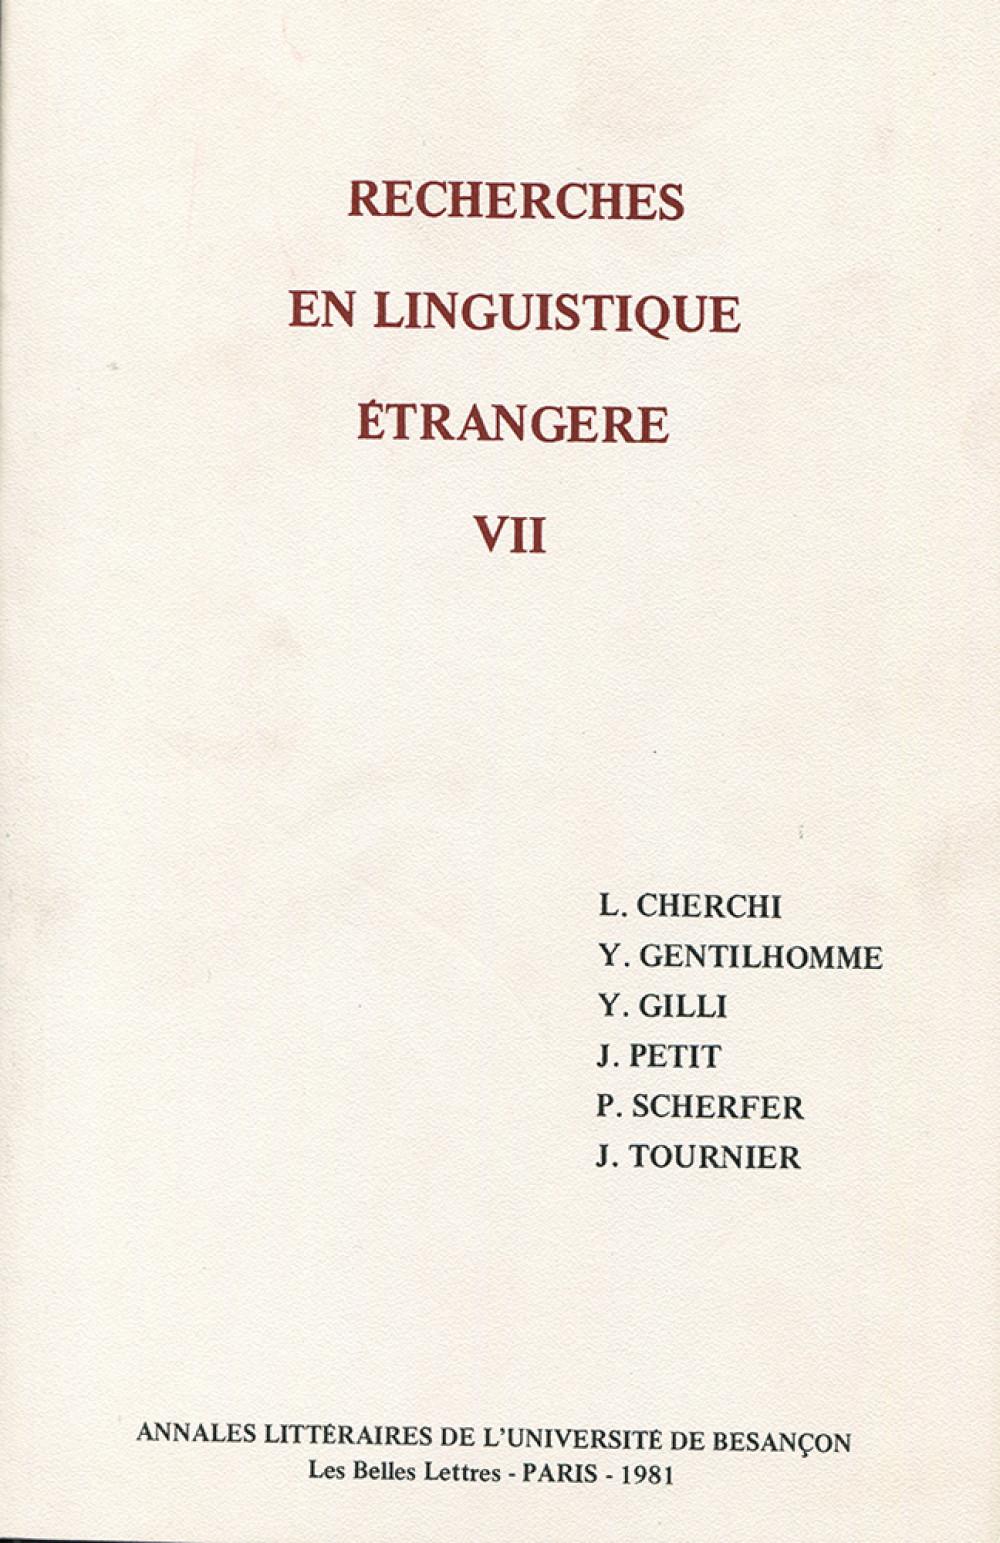 Recherches en linguistique étrangère VII